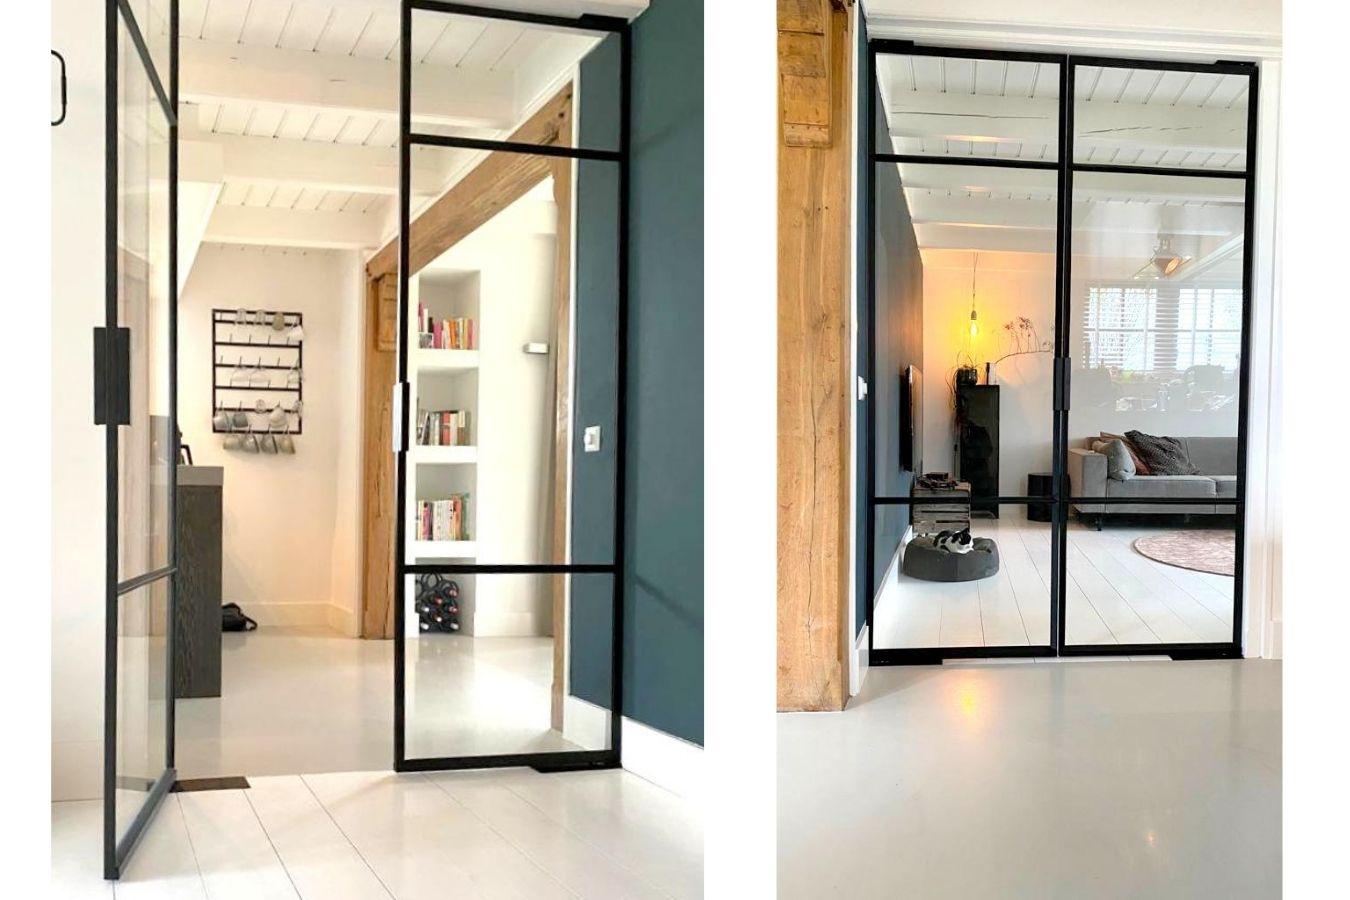 stalen taatsdeuren met korte handgreep - project hoogwoud - StalenDeurenHuys